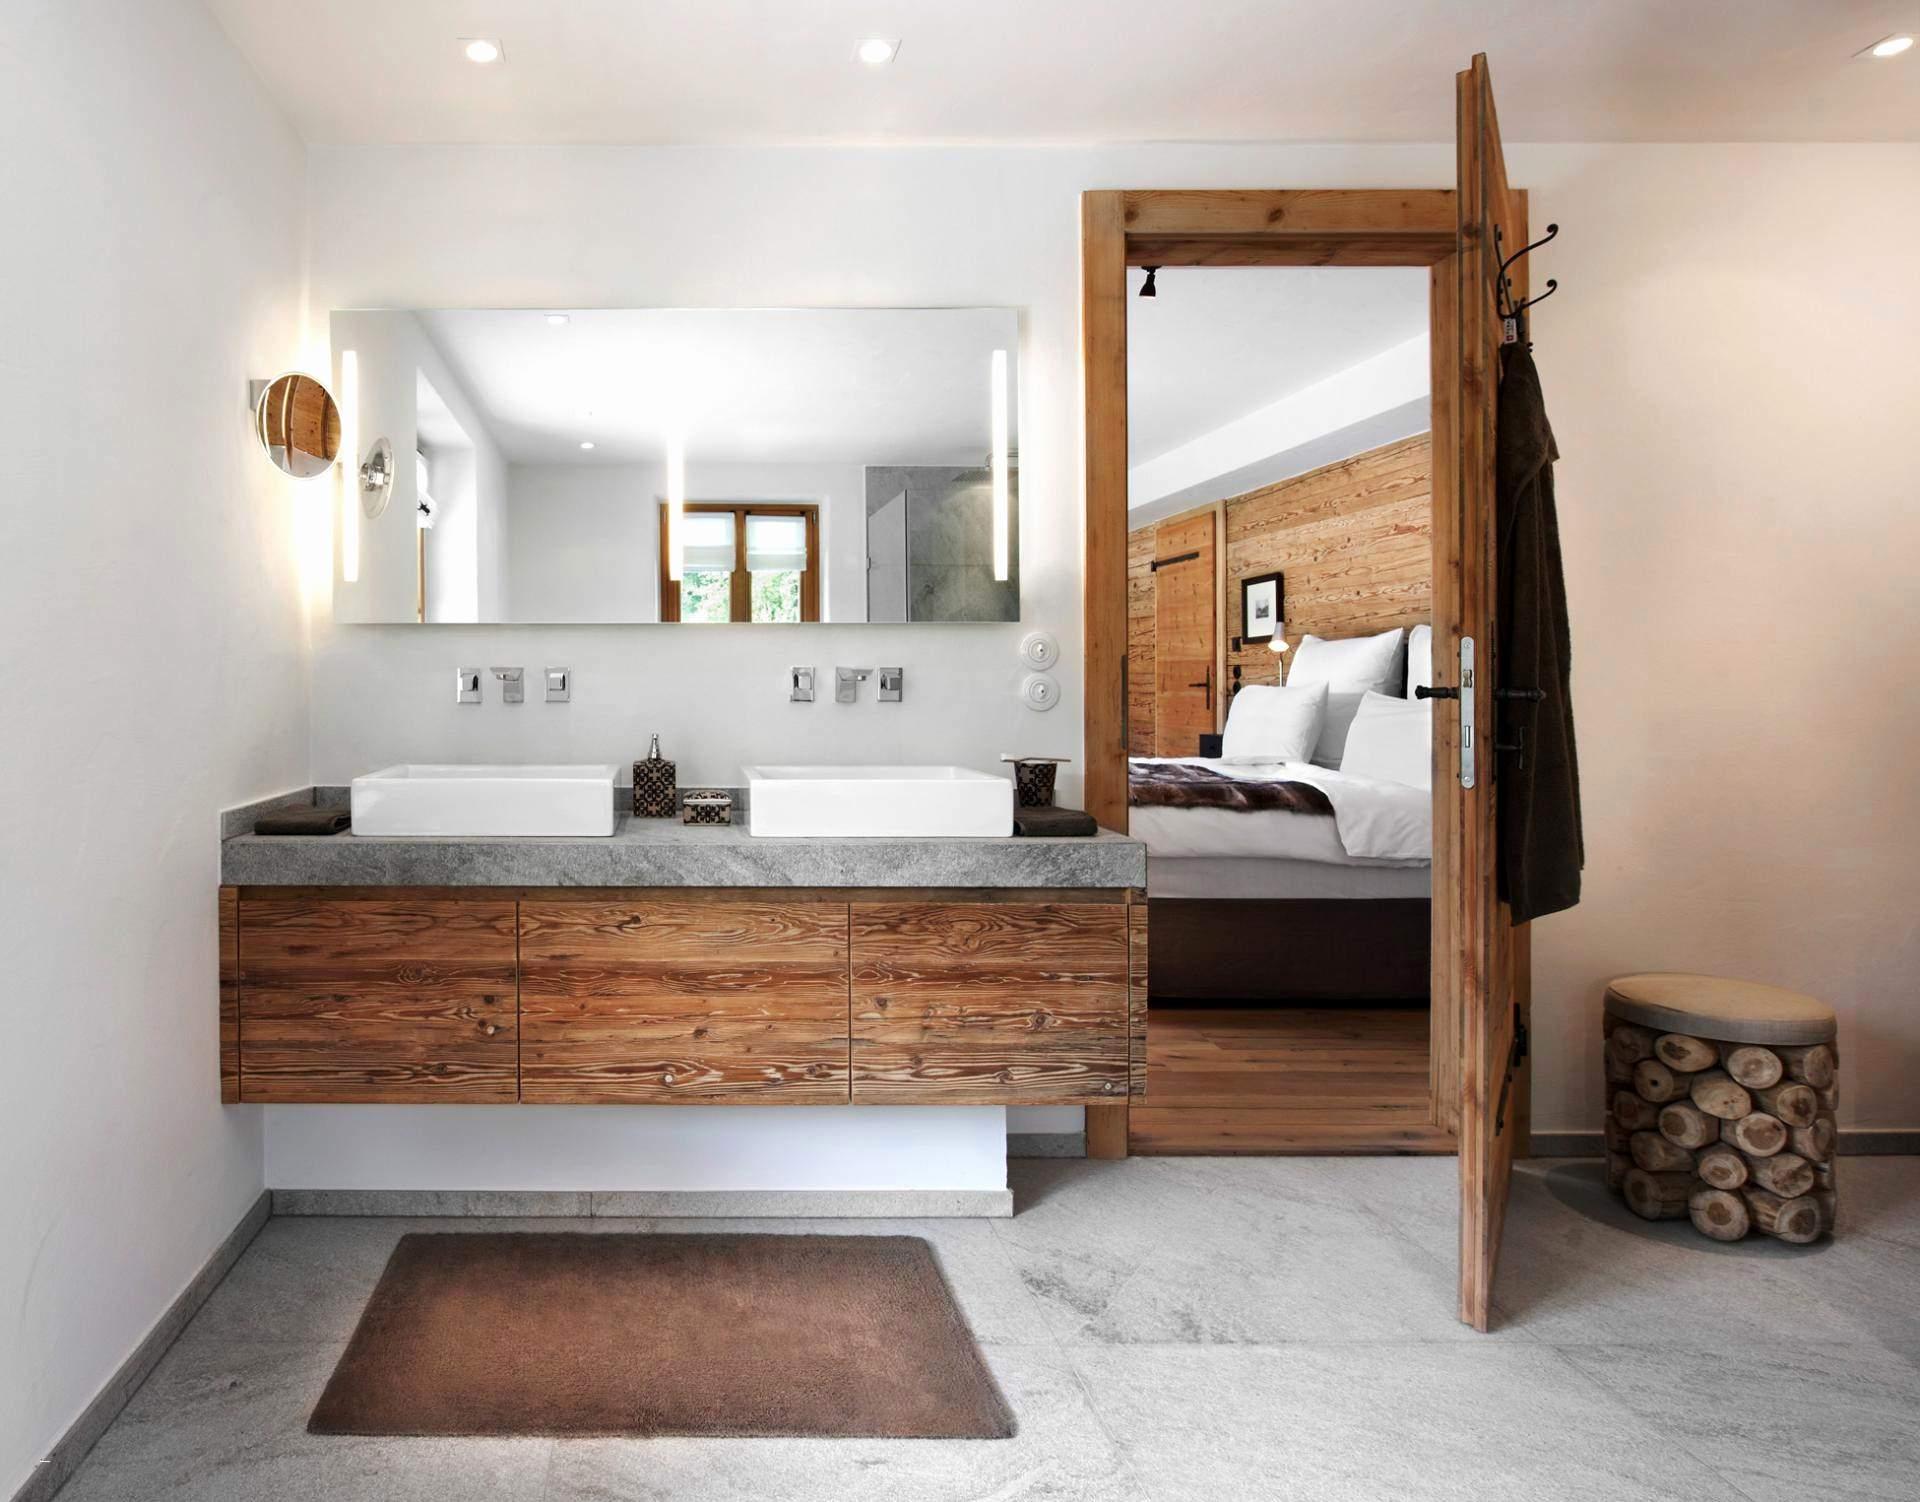 hausturen holz preise foto von neue badezimmer trends luxus badezimmer holzboden 0d archives haus of hausturen holz preise